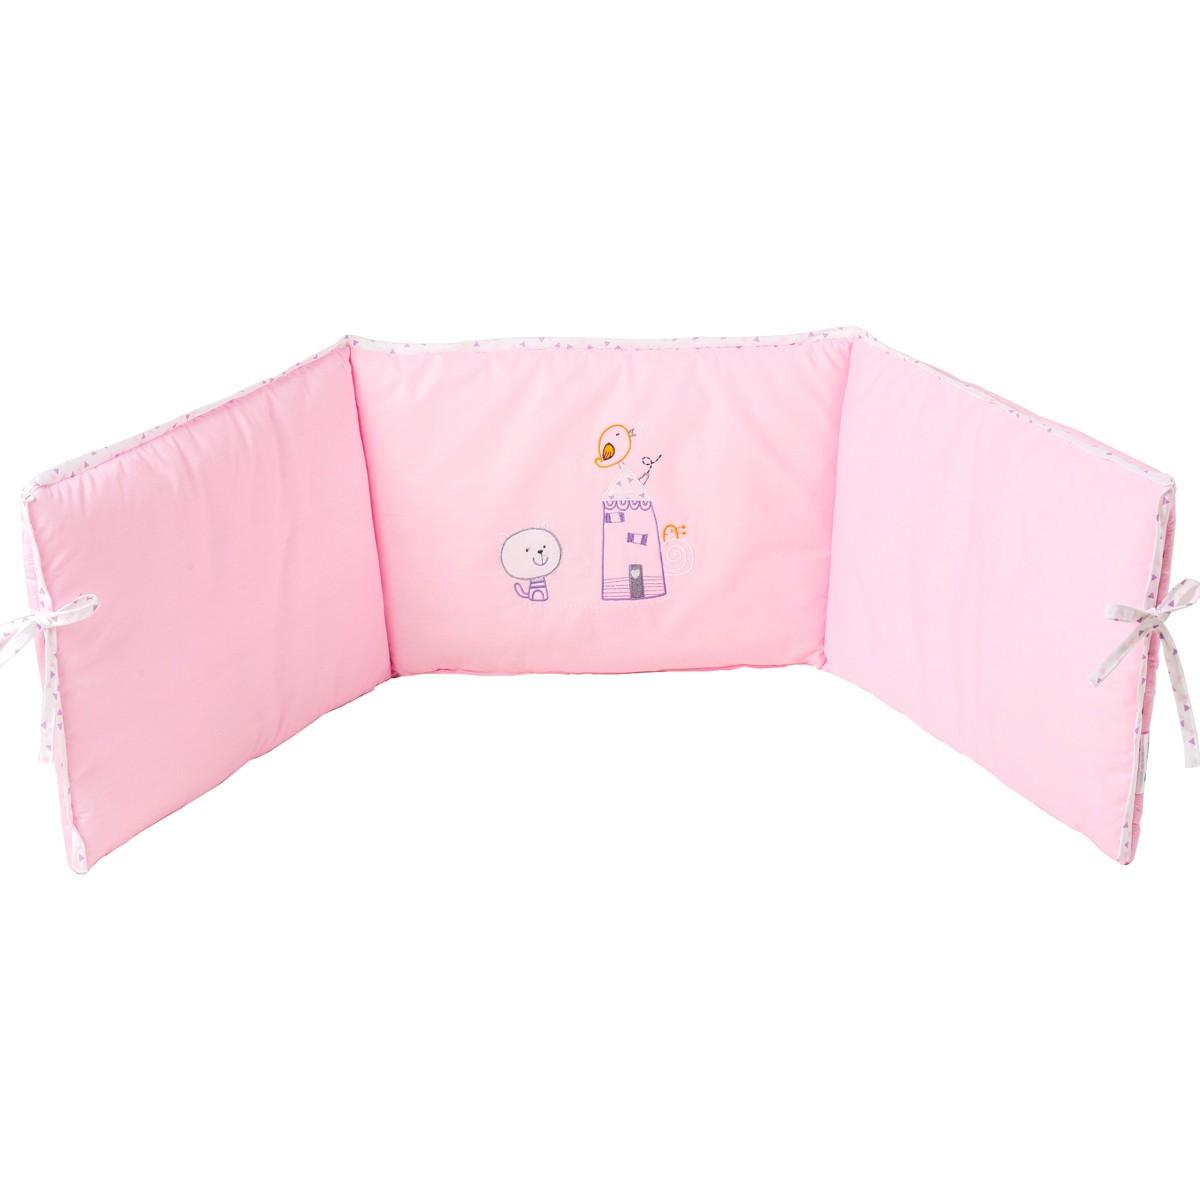 Πάντα Λίκνου Κόσμος Του Μωρού Home 8930 Ροζ